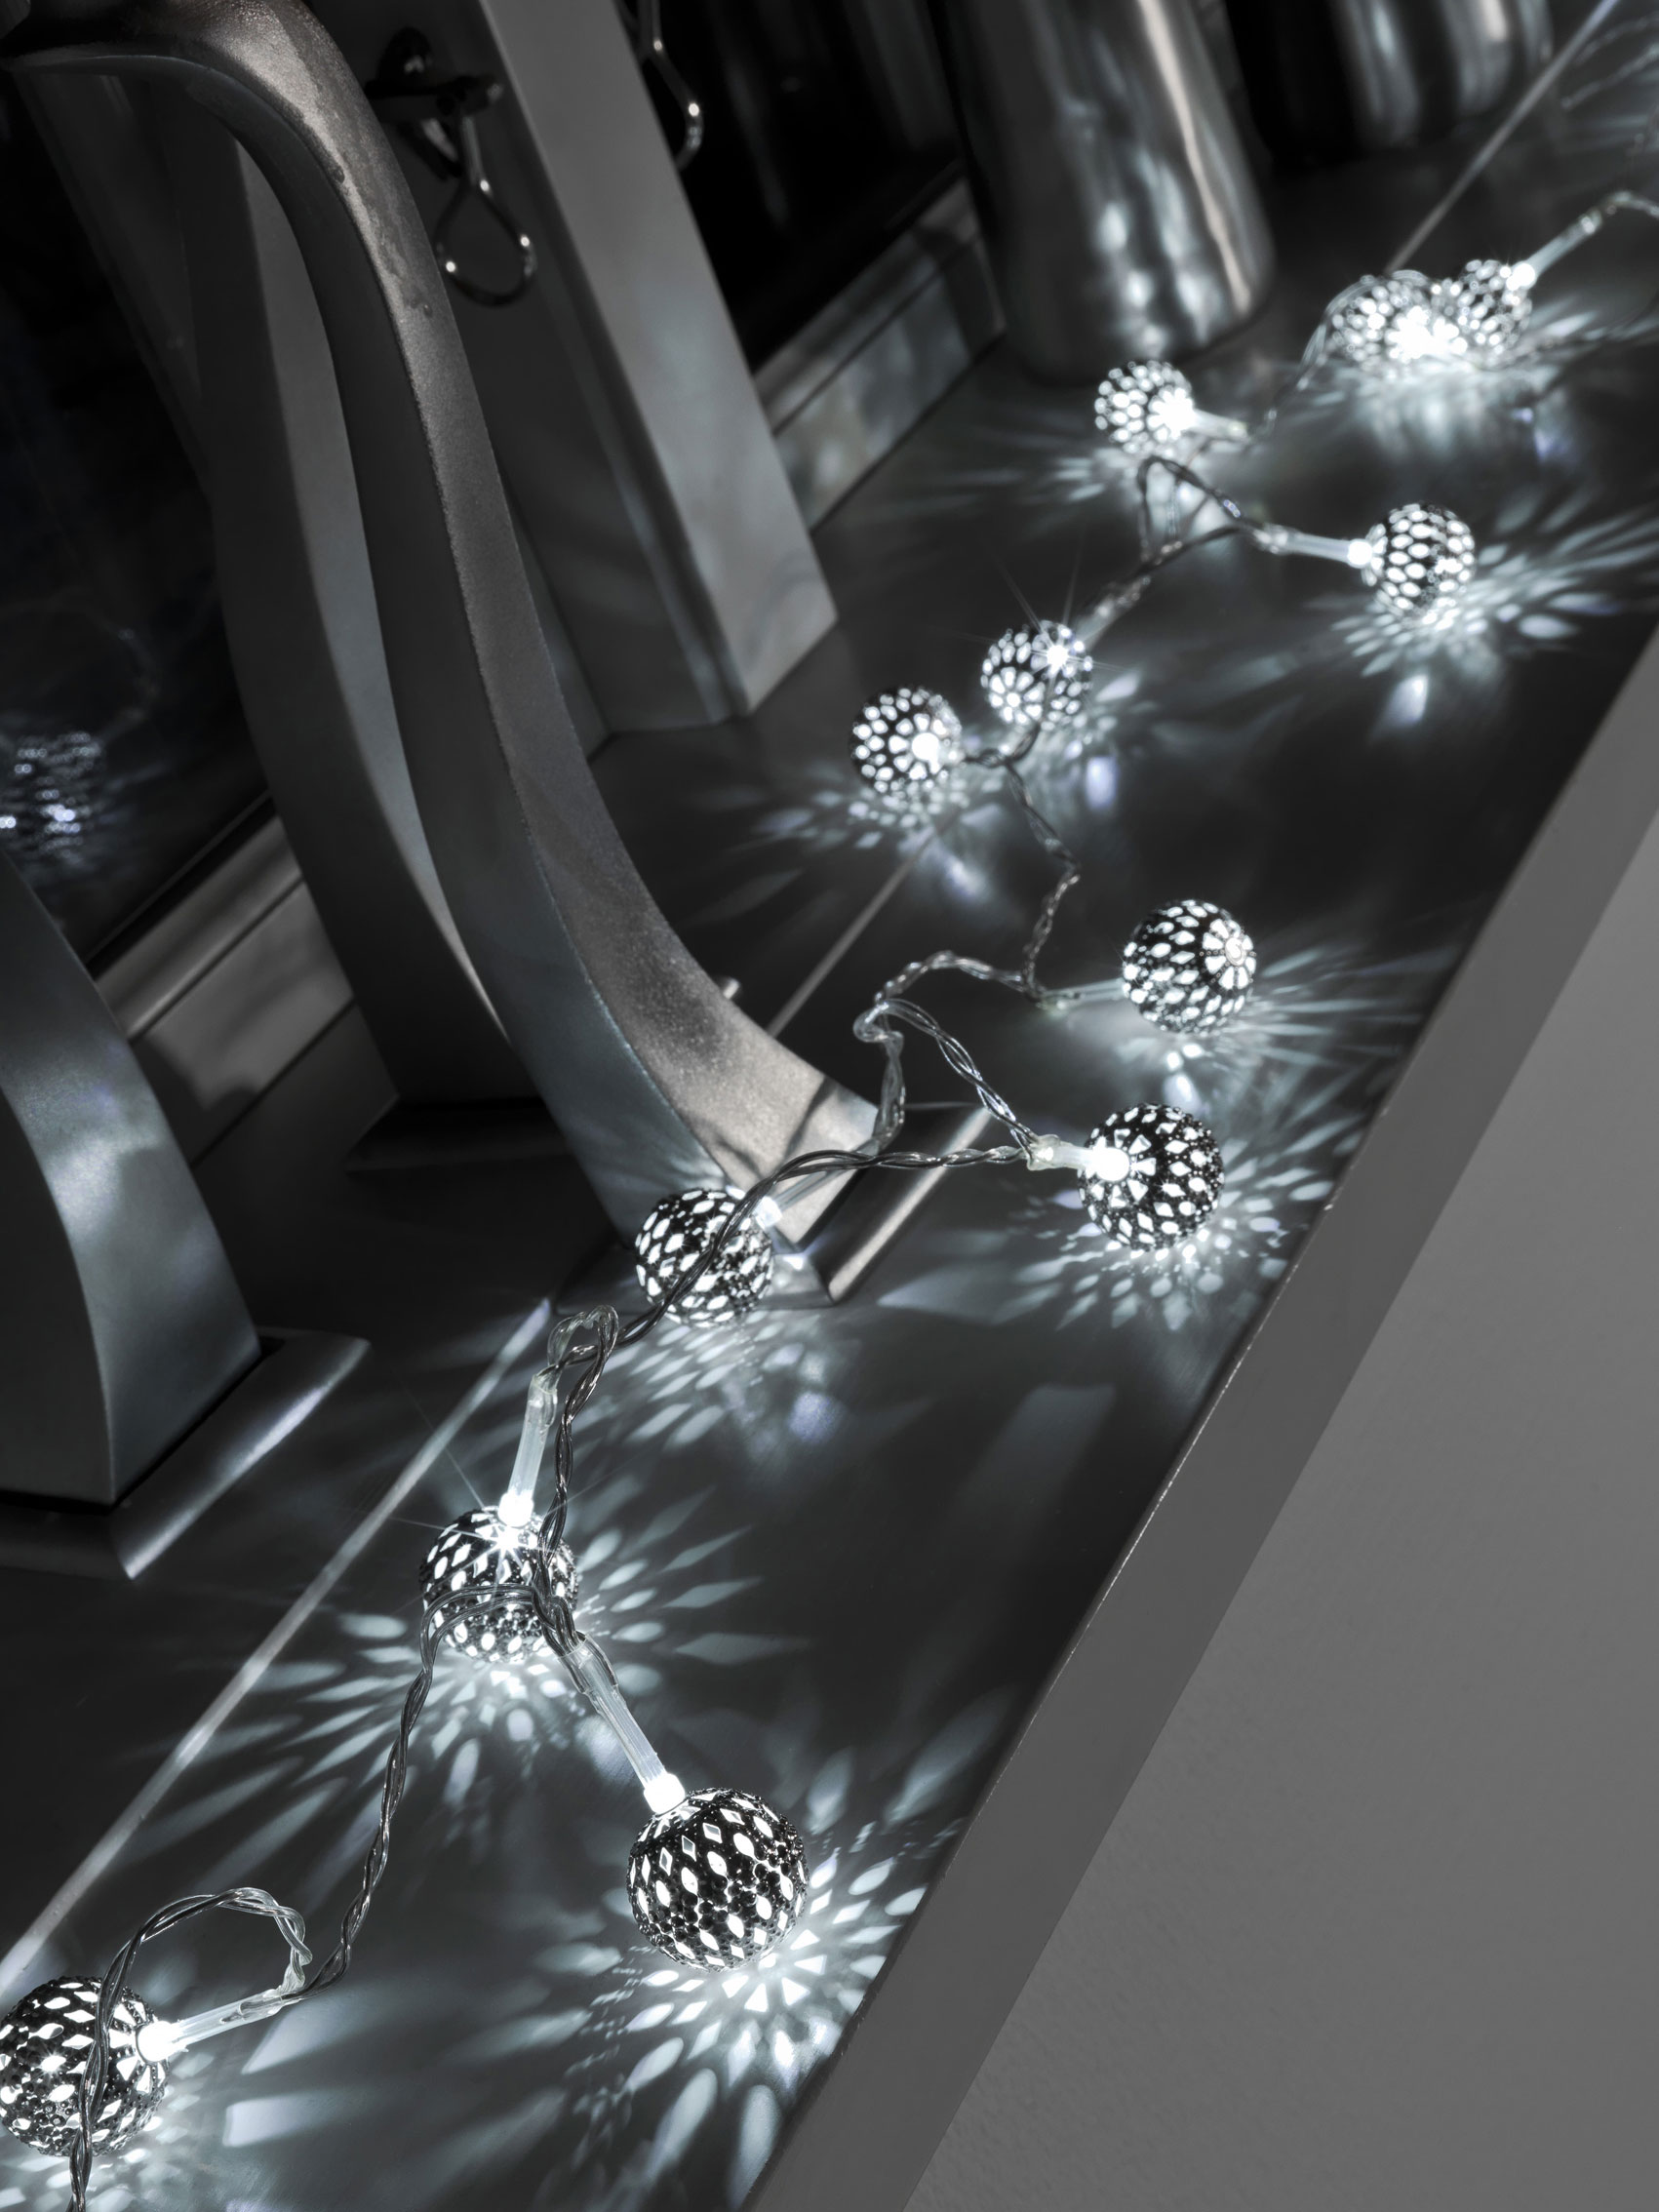 LED Lichterkette Konstsmide 10 Metallbälle mit LED batteriebetr. weiß Bild 2